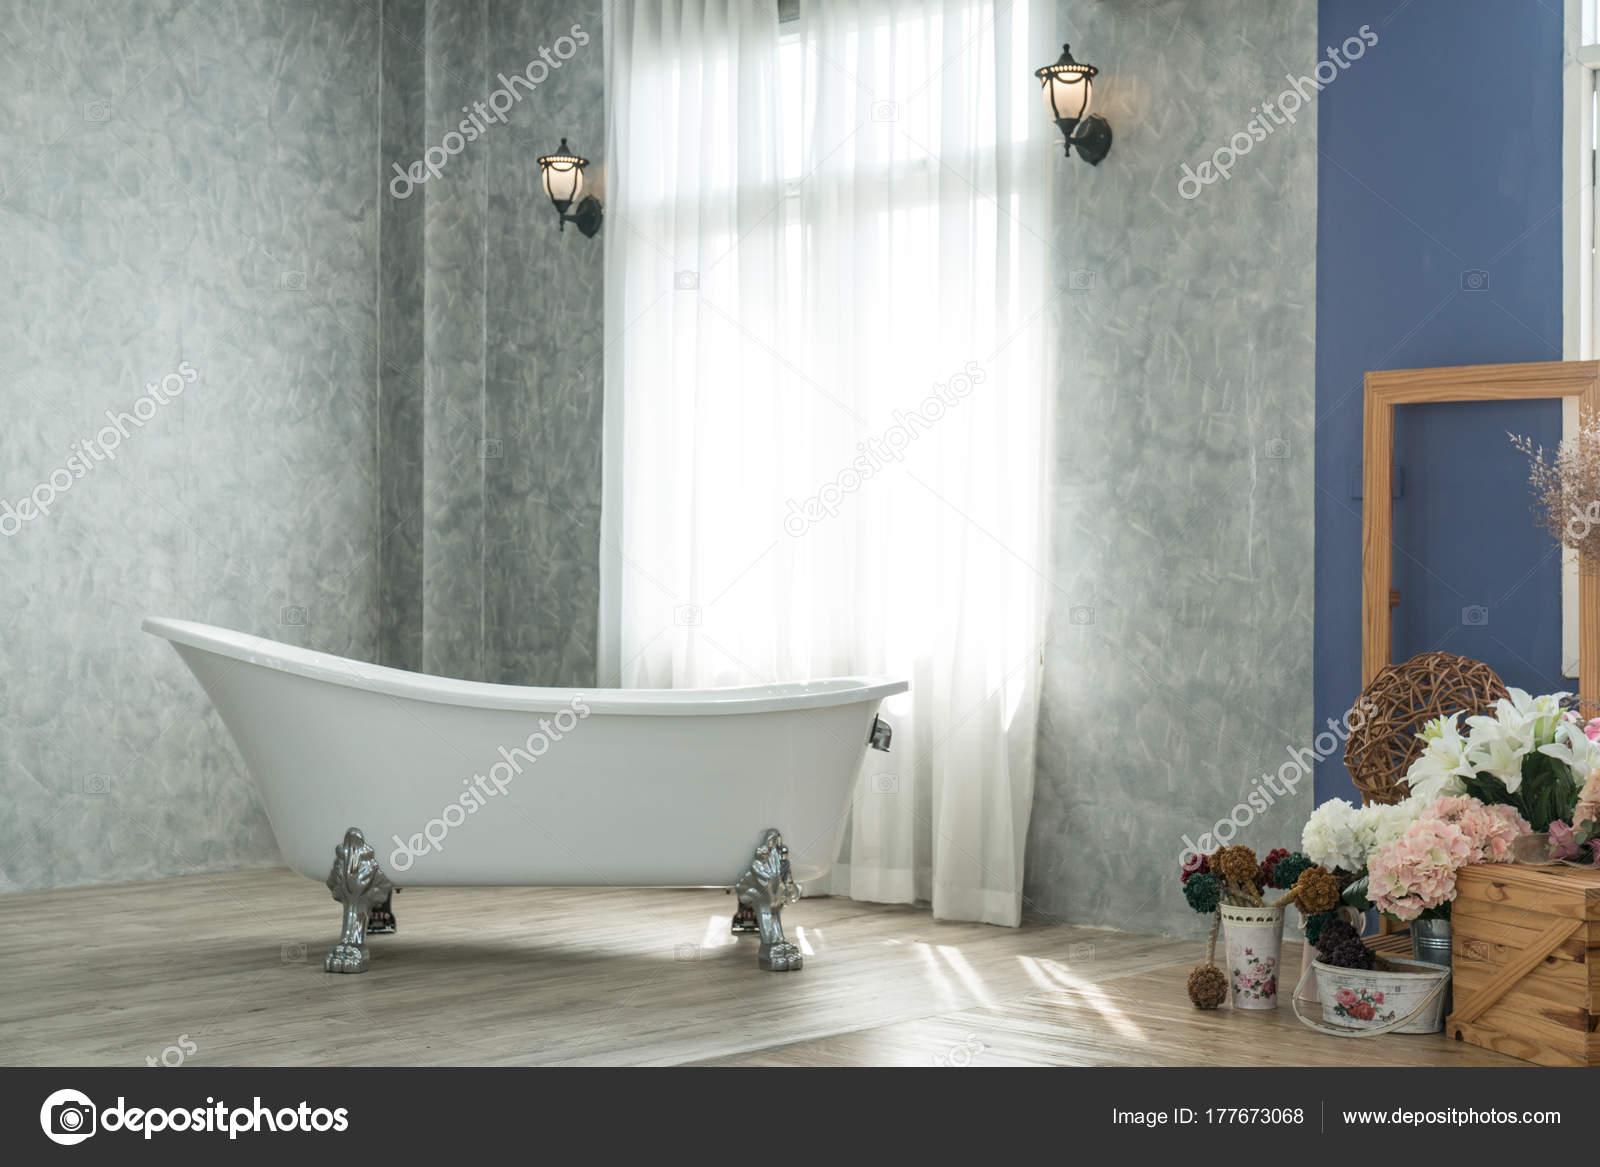 https://st3.depositphotos.com/3263921/17767/i/1600/depositphotos_177673068-stockafbeelding-luxe-natuurlijke-klassieke-badkamer-met.jpg